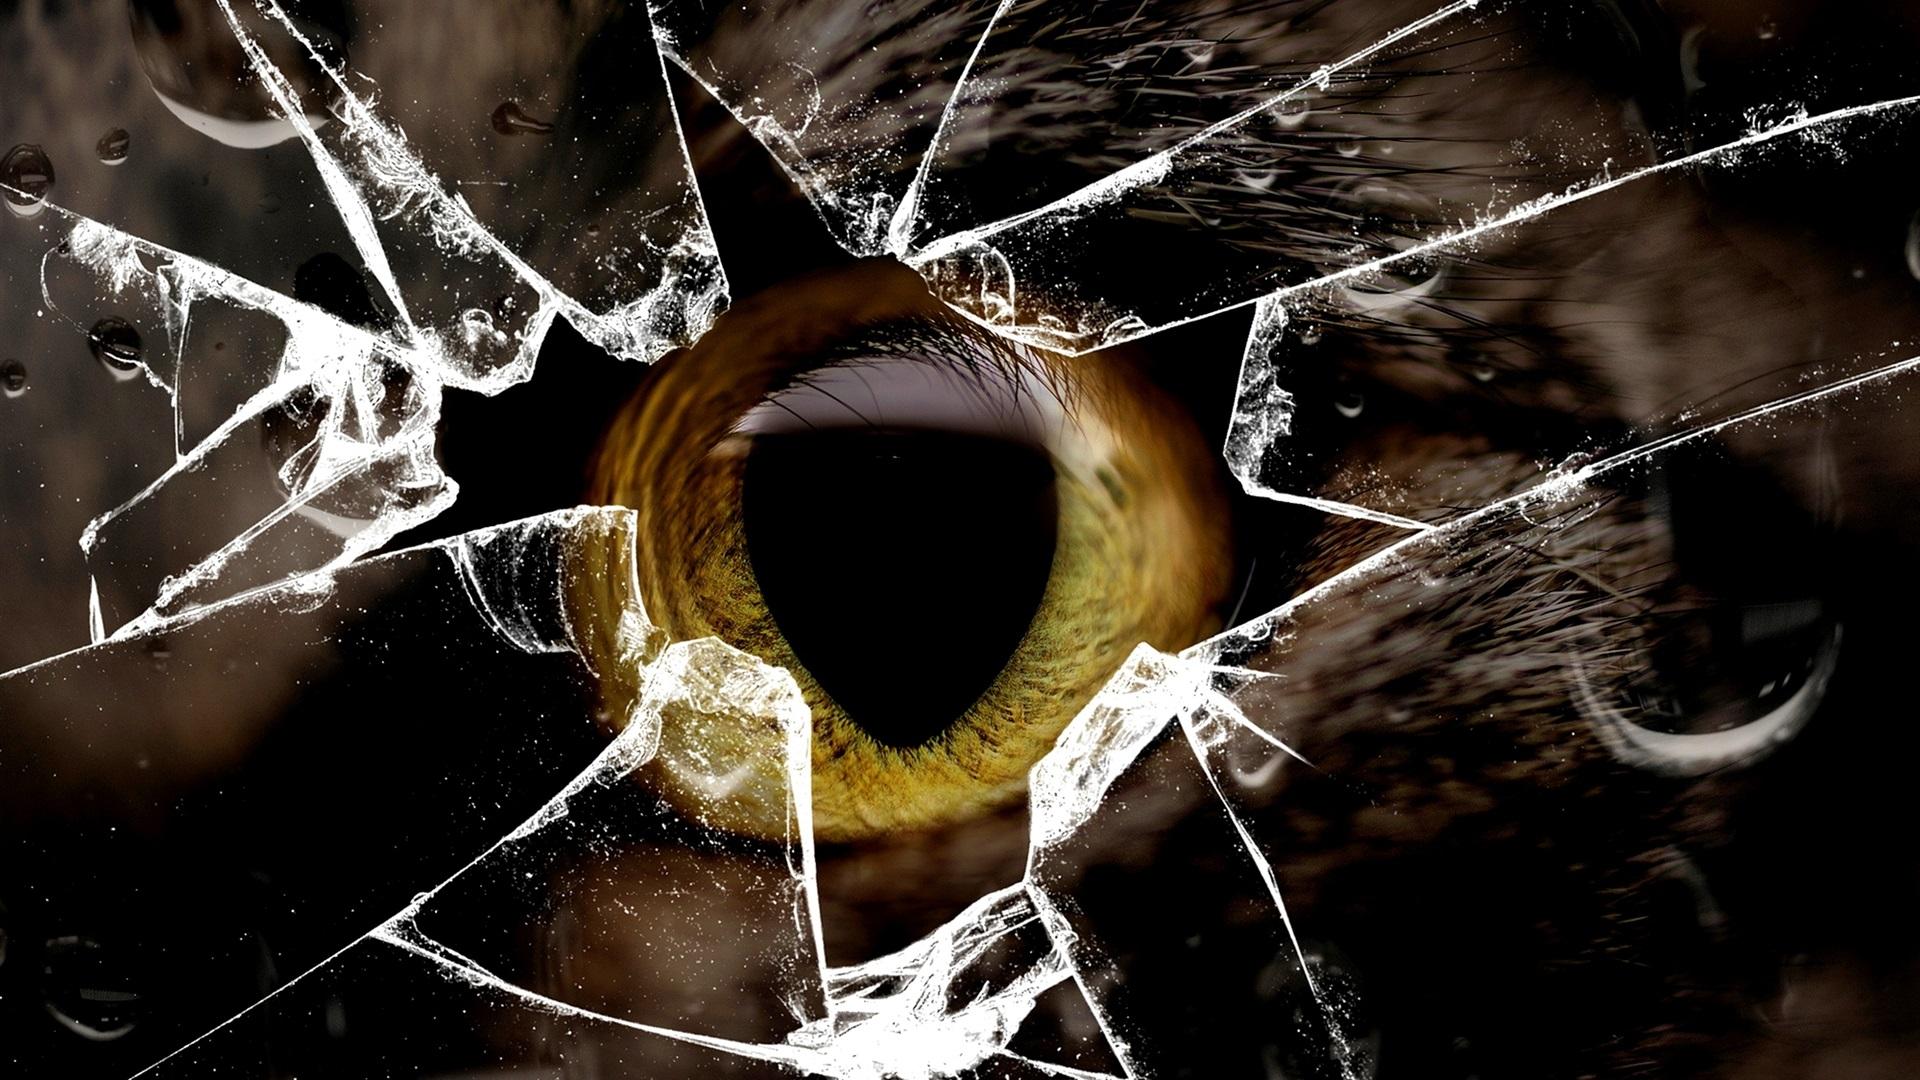 猫的黄色眼睛,玻璃破碎 壁纸 - 1920x1080 全高清图片